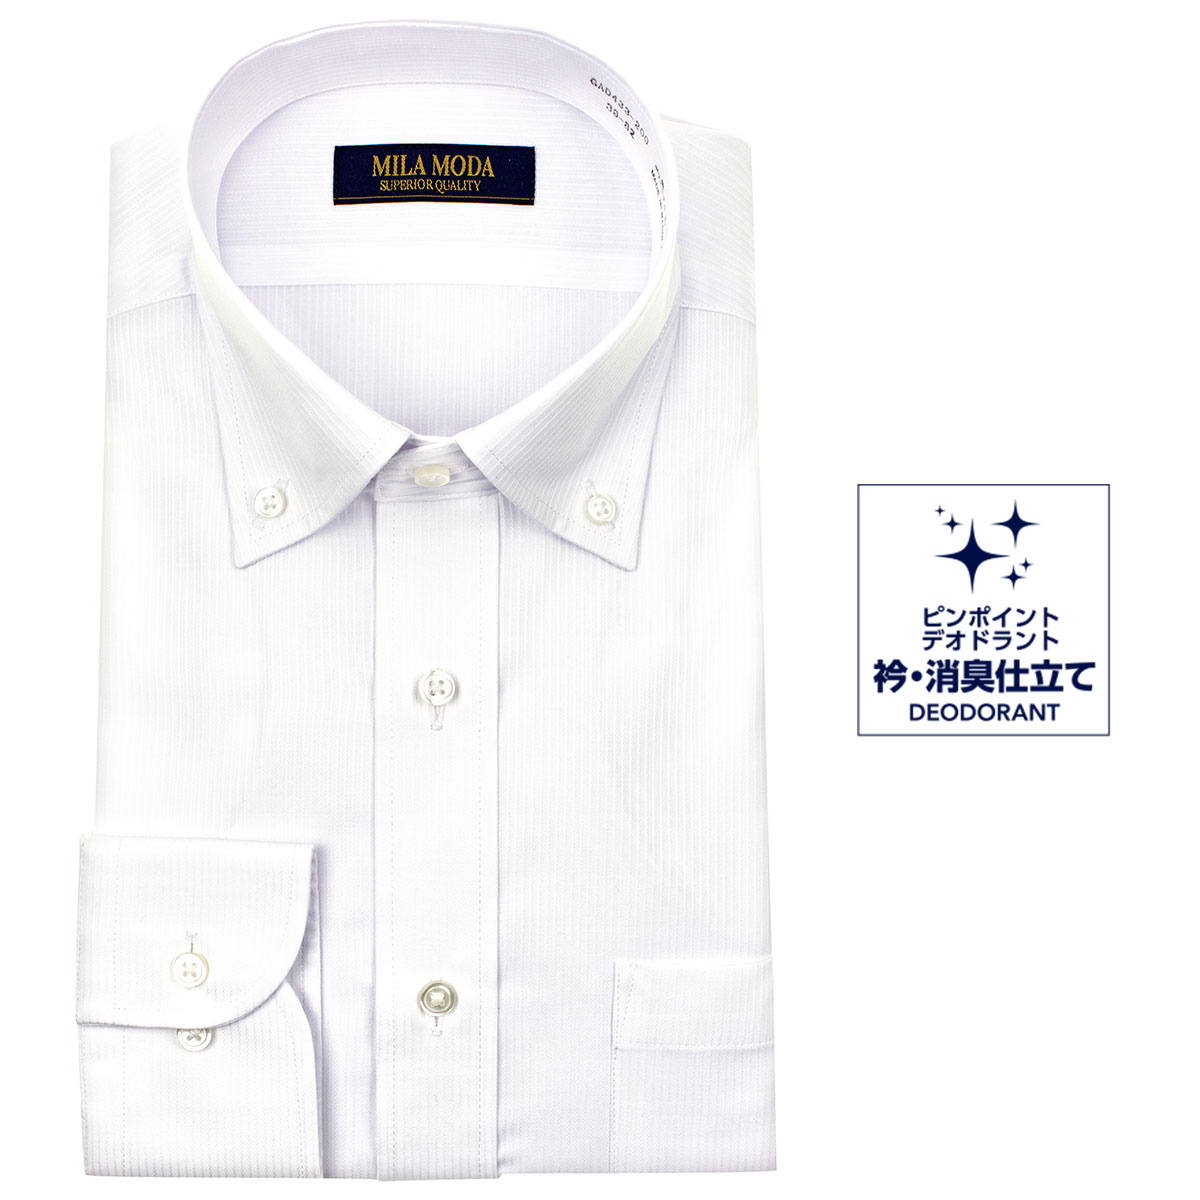 ワイシャツ yシャツ カッターシャツ ドレスシャツ ビジネス シャツ 男性 ドビー ホワイト 送料無料 ワイシャツ メンズ 長袖 形態安定 ドビー ボタンダウン ドレスシャツ Yシャツ カッターシャツ ビジネスシャツ ビジネス シャツ 白 標準体 MILA MODA 新生活